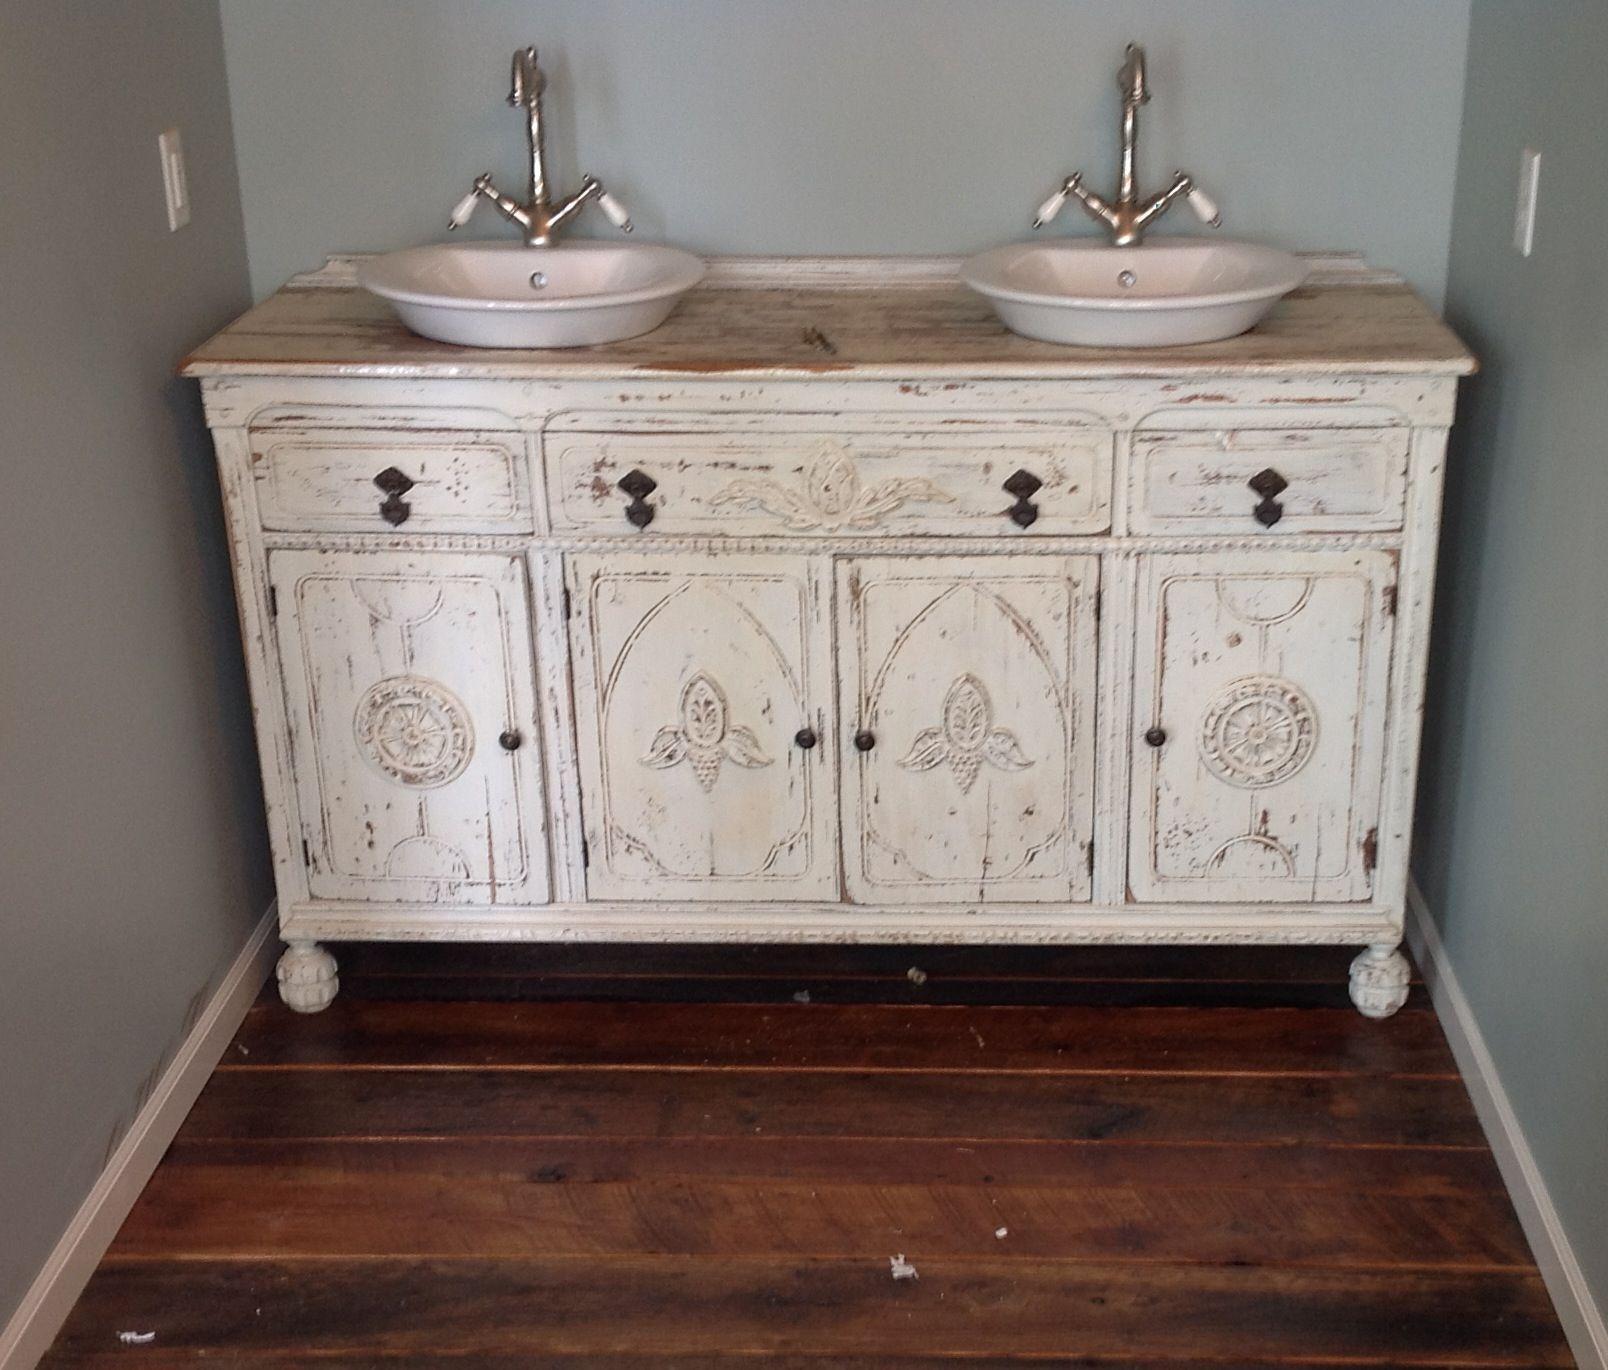 painted shabby chic repurposed bathroom sink vanity. repurposed